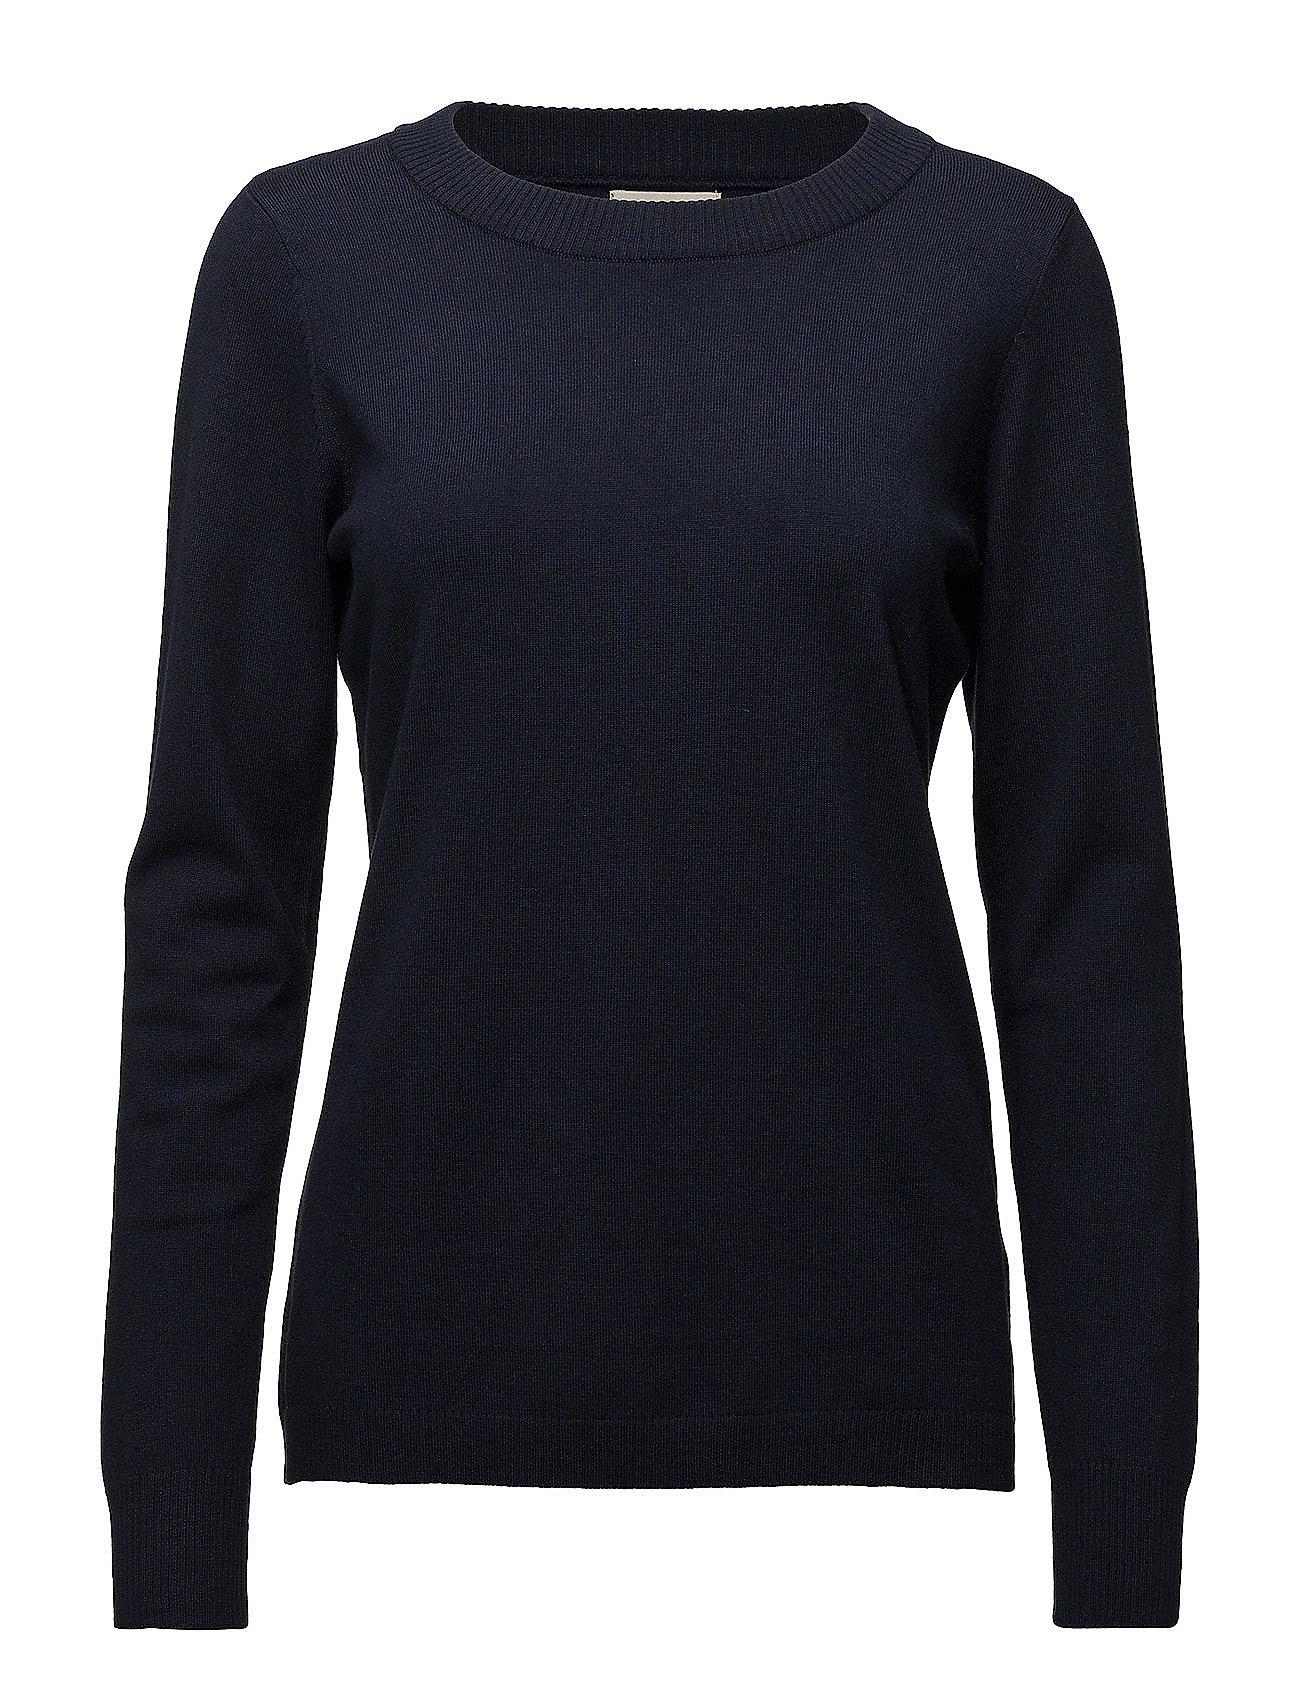 Minus Rilla pullover - BLACK IRIS SOLID